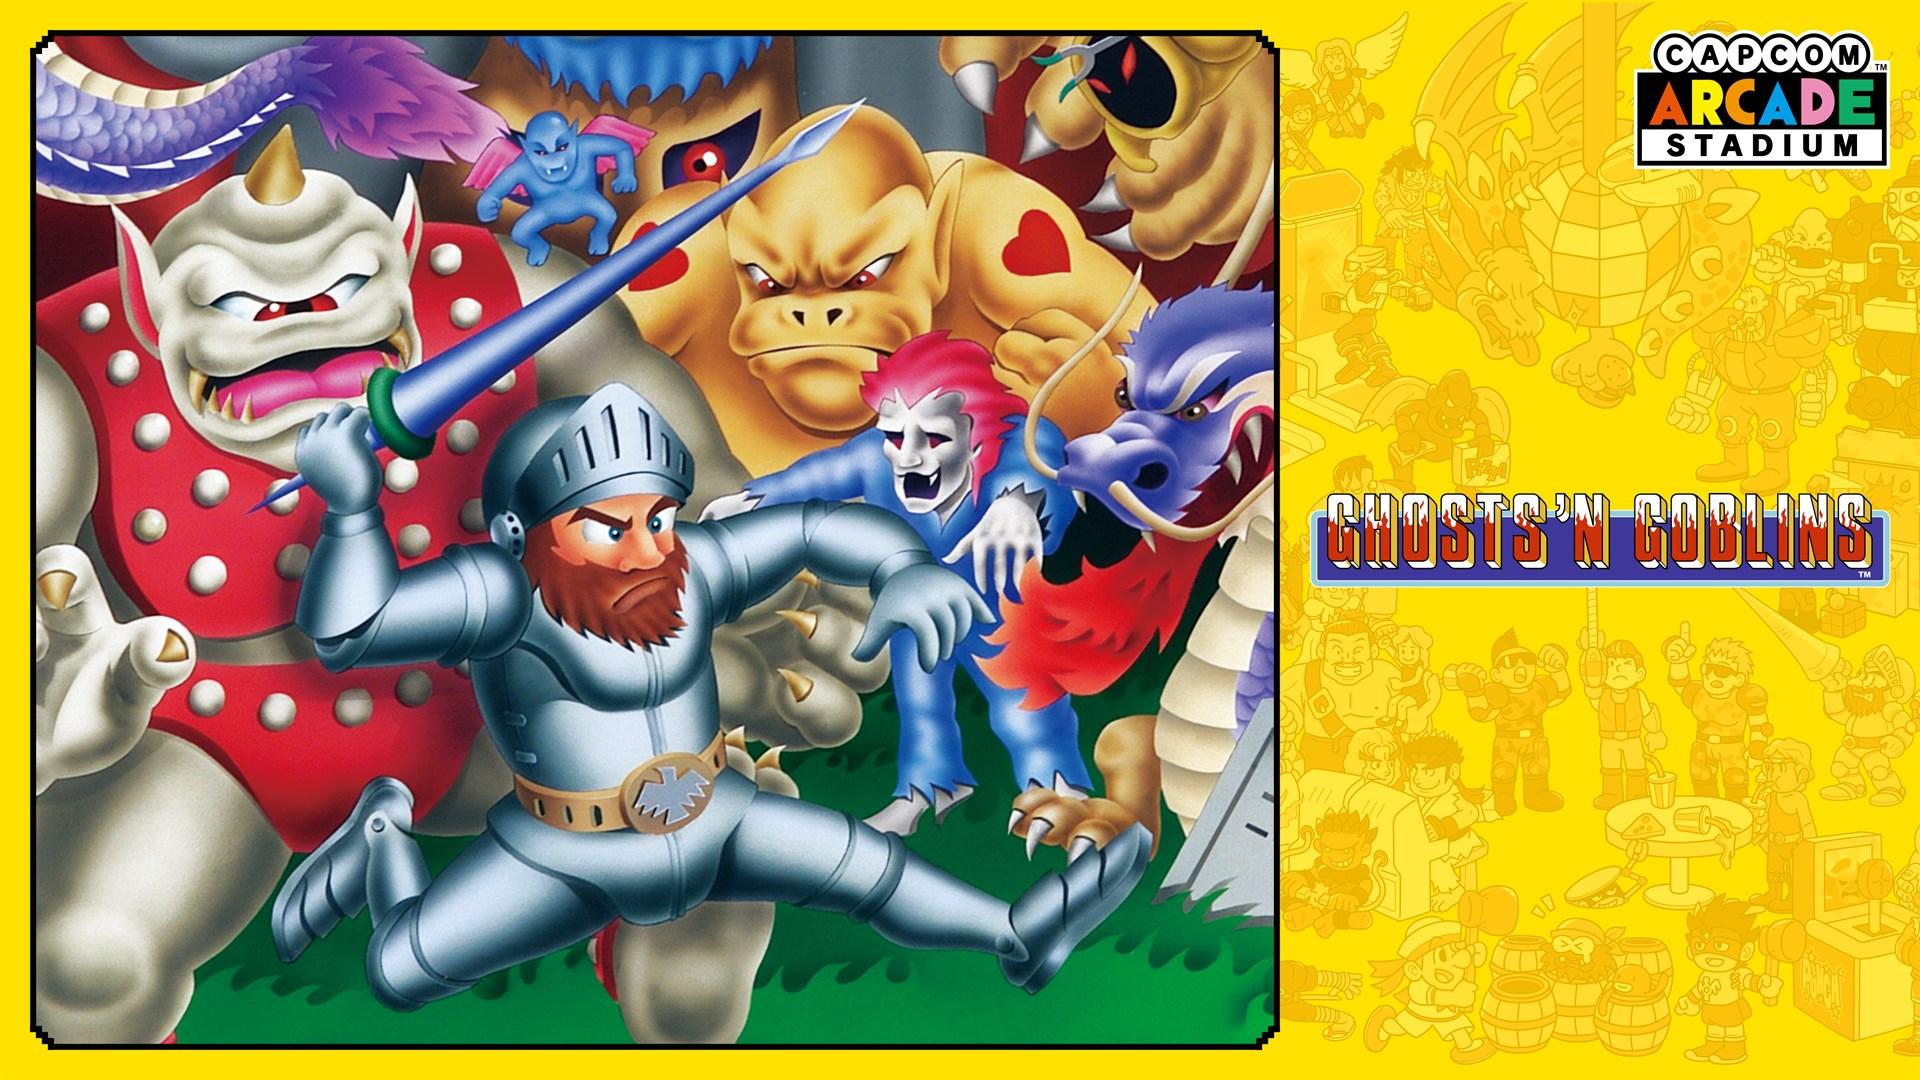 Capcom Arcade Stadium:Ghosts 'n Goblins